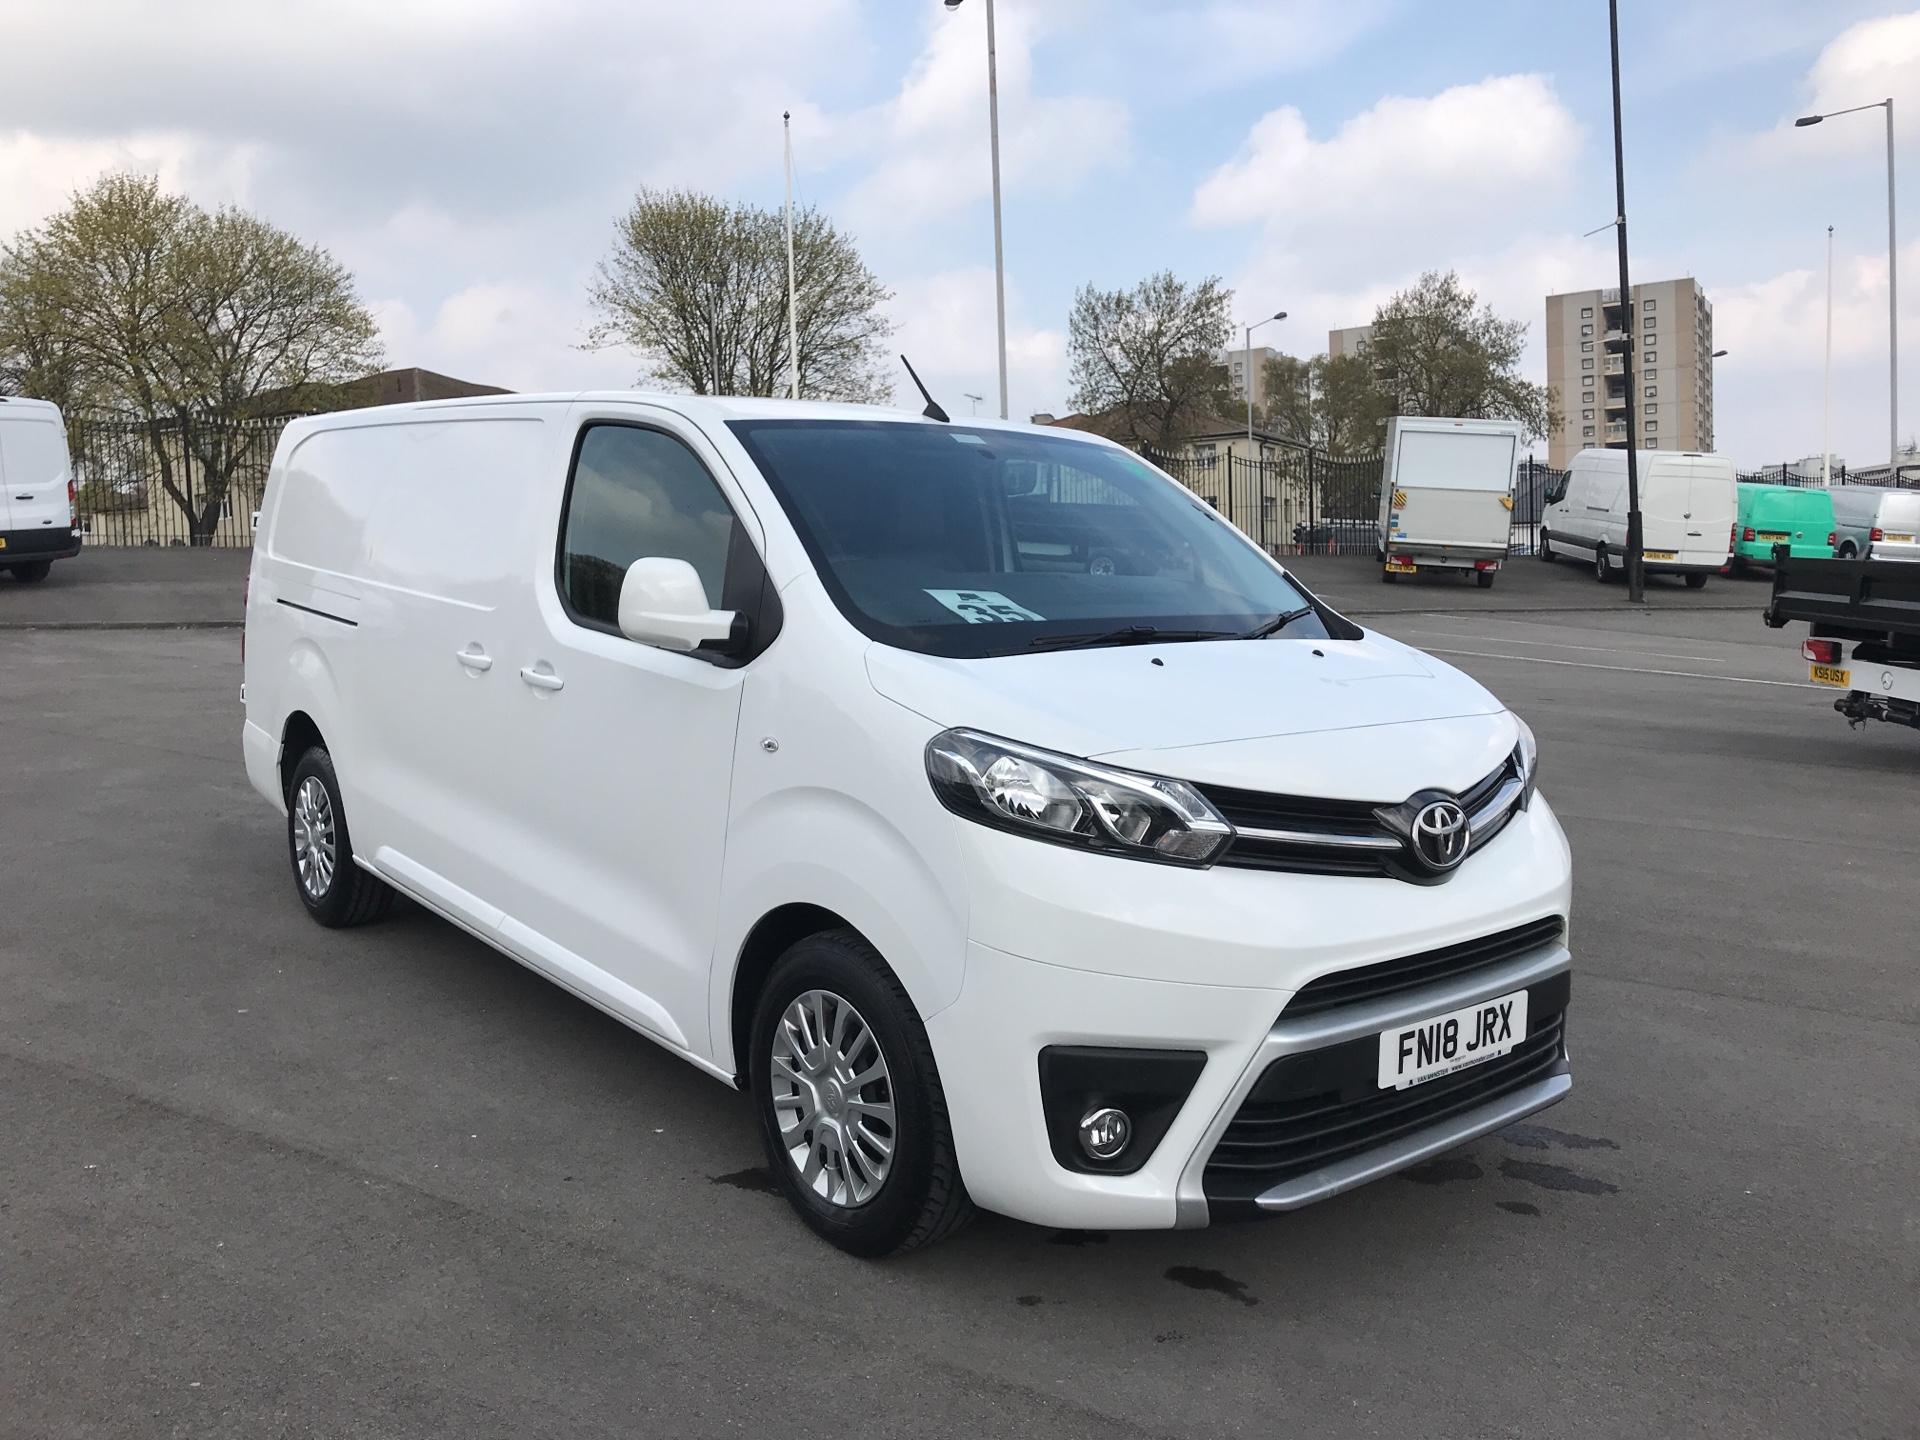 2018 Toyota Proace 2.0D 120 Comfort Van (FN18JRX)